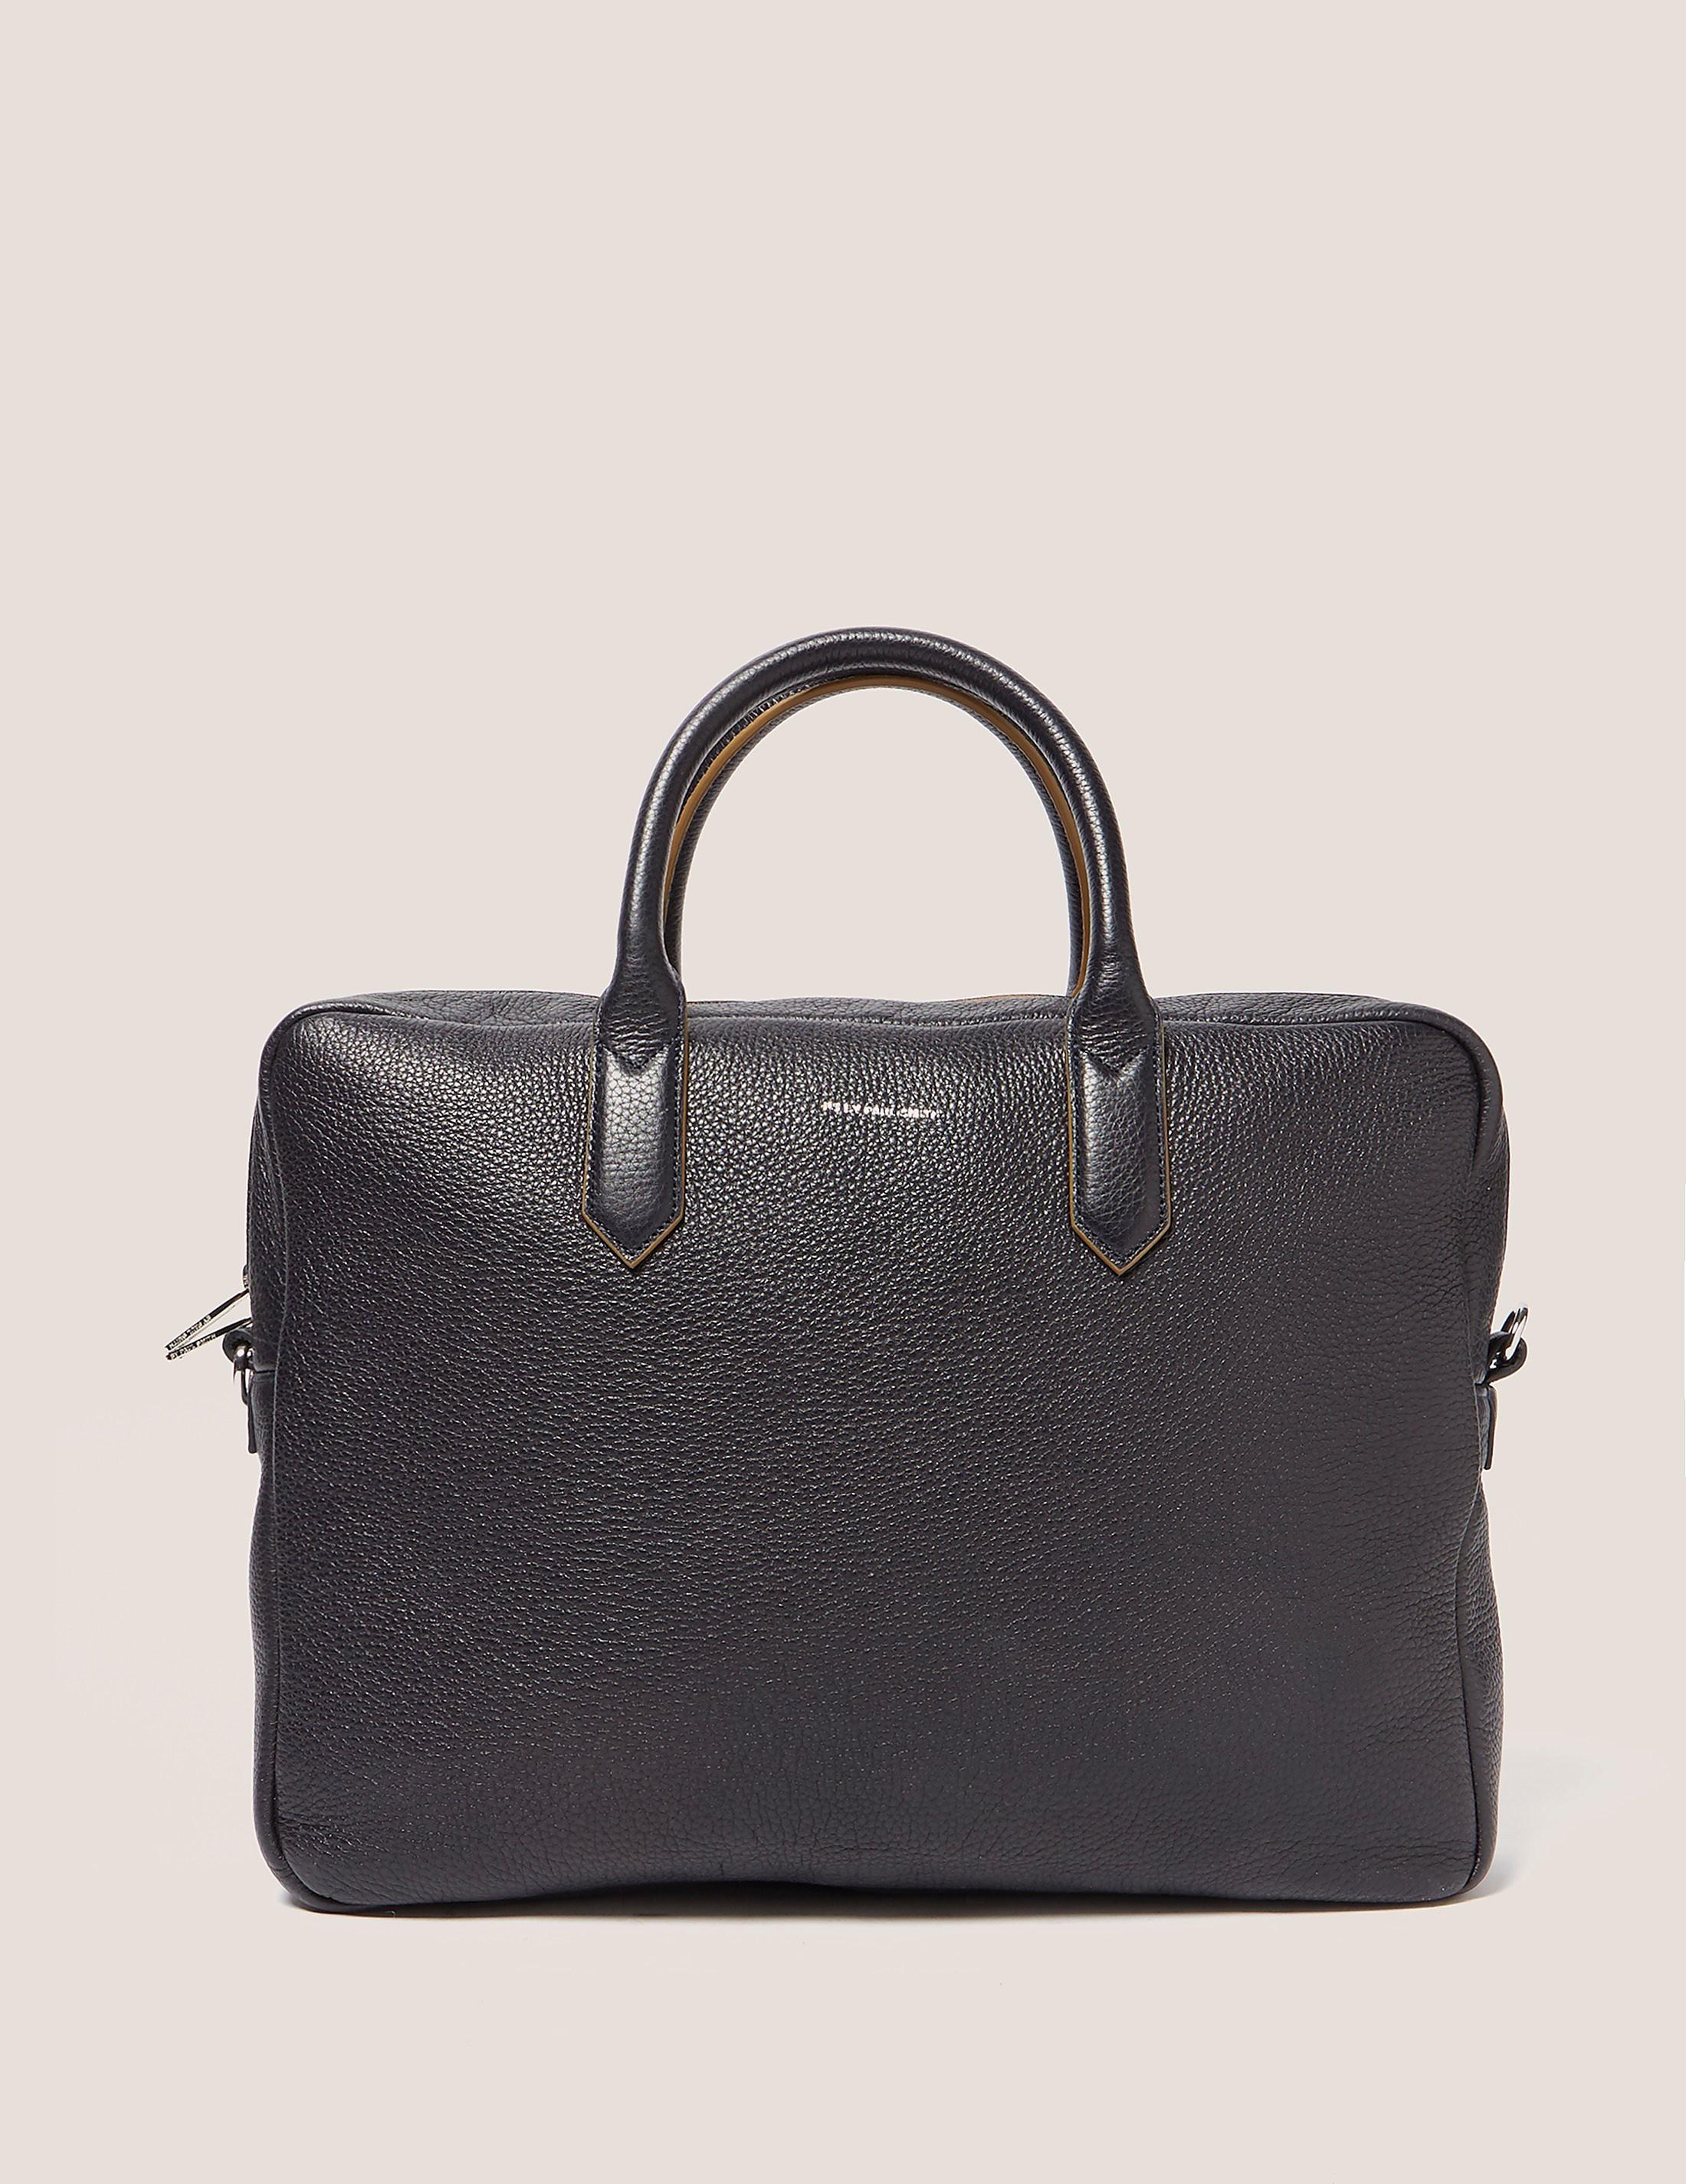 Paul Smith Sporty Leather Folio Bag